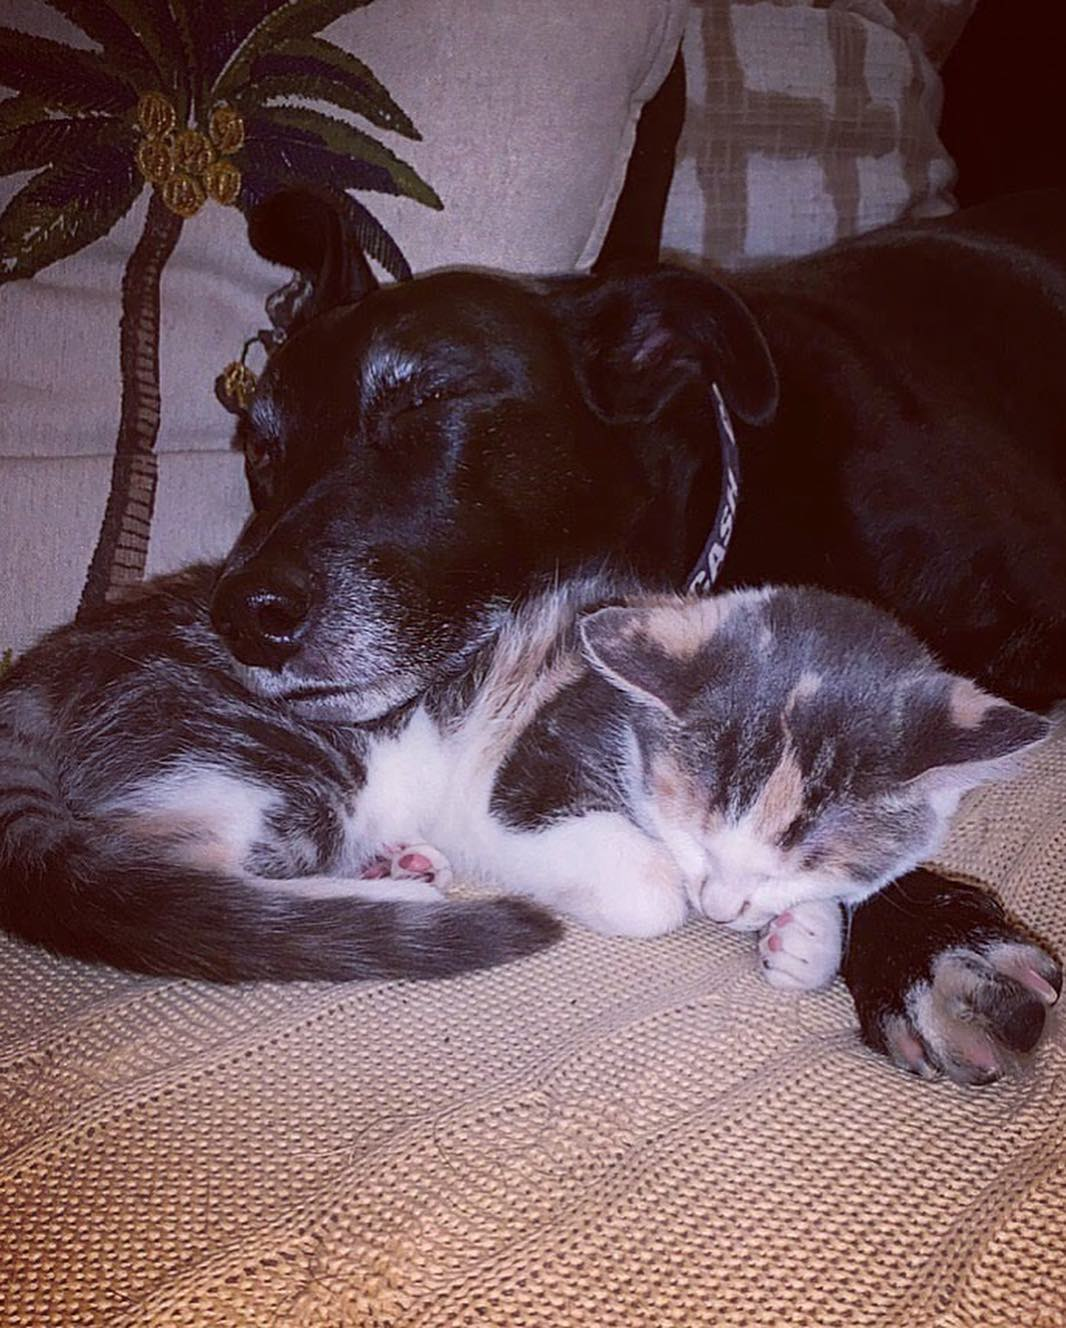 Perro demasiado educado y gatito tomando siesta